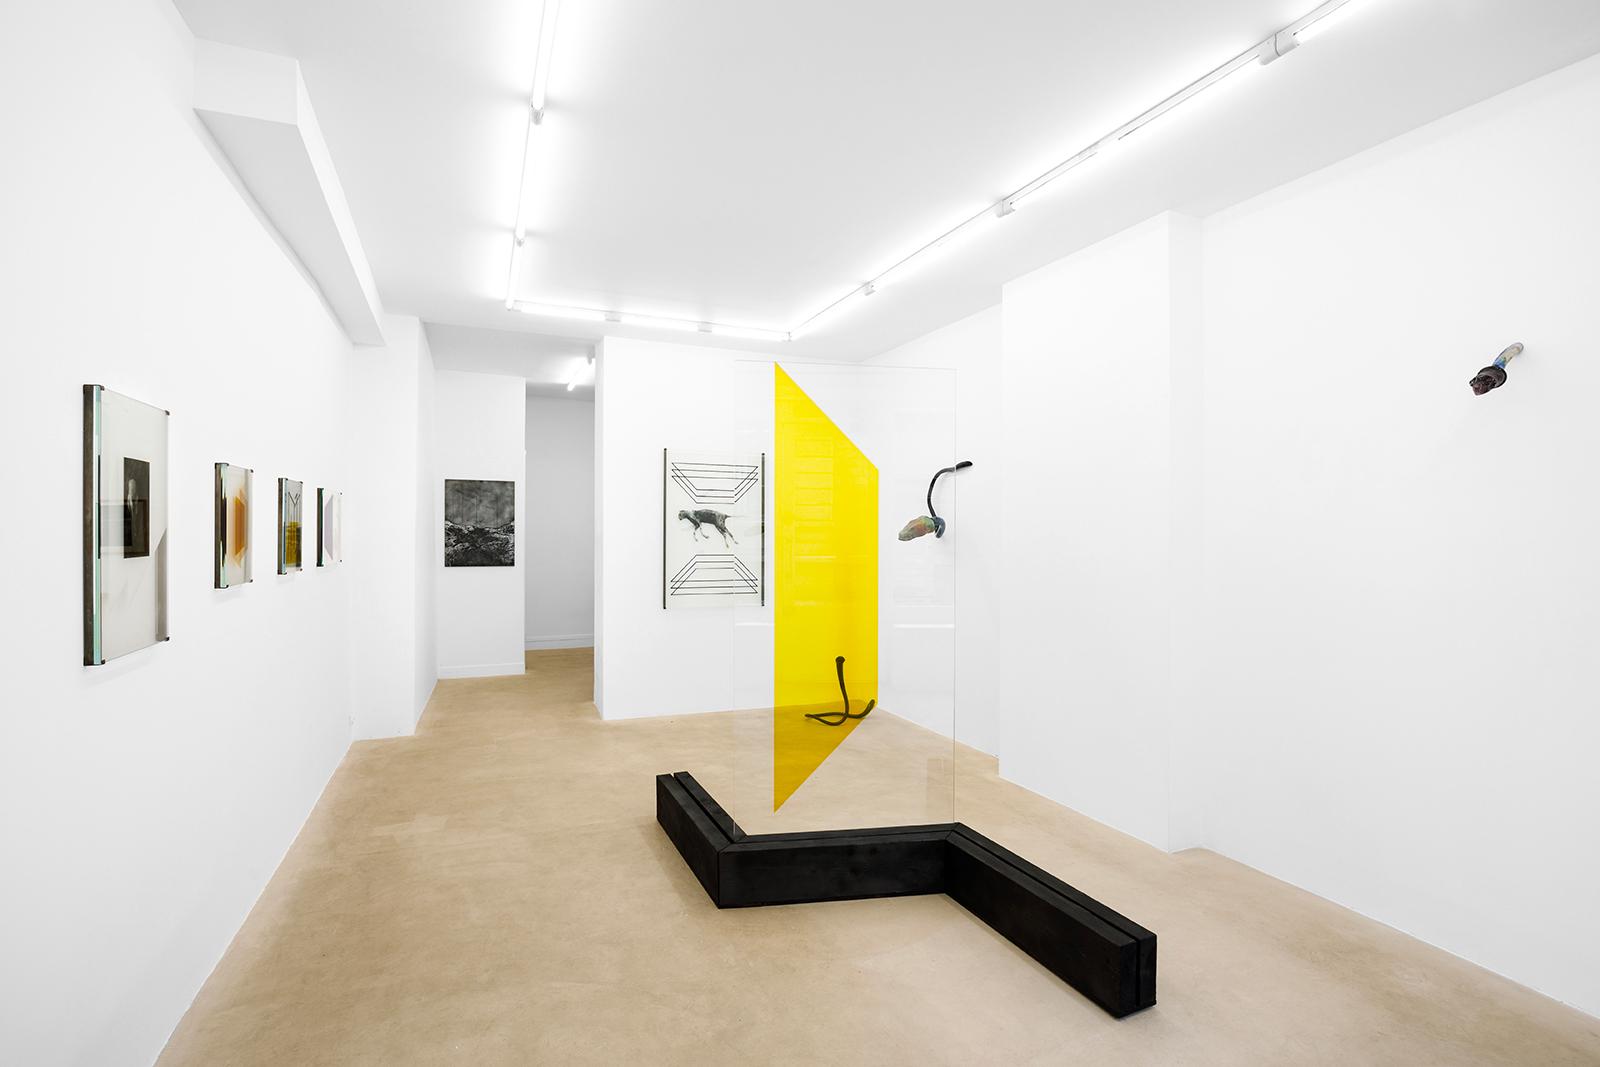 En images : Pia Rondé & Fabien Saleil à la galerie Valeria Cetraro